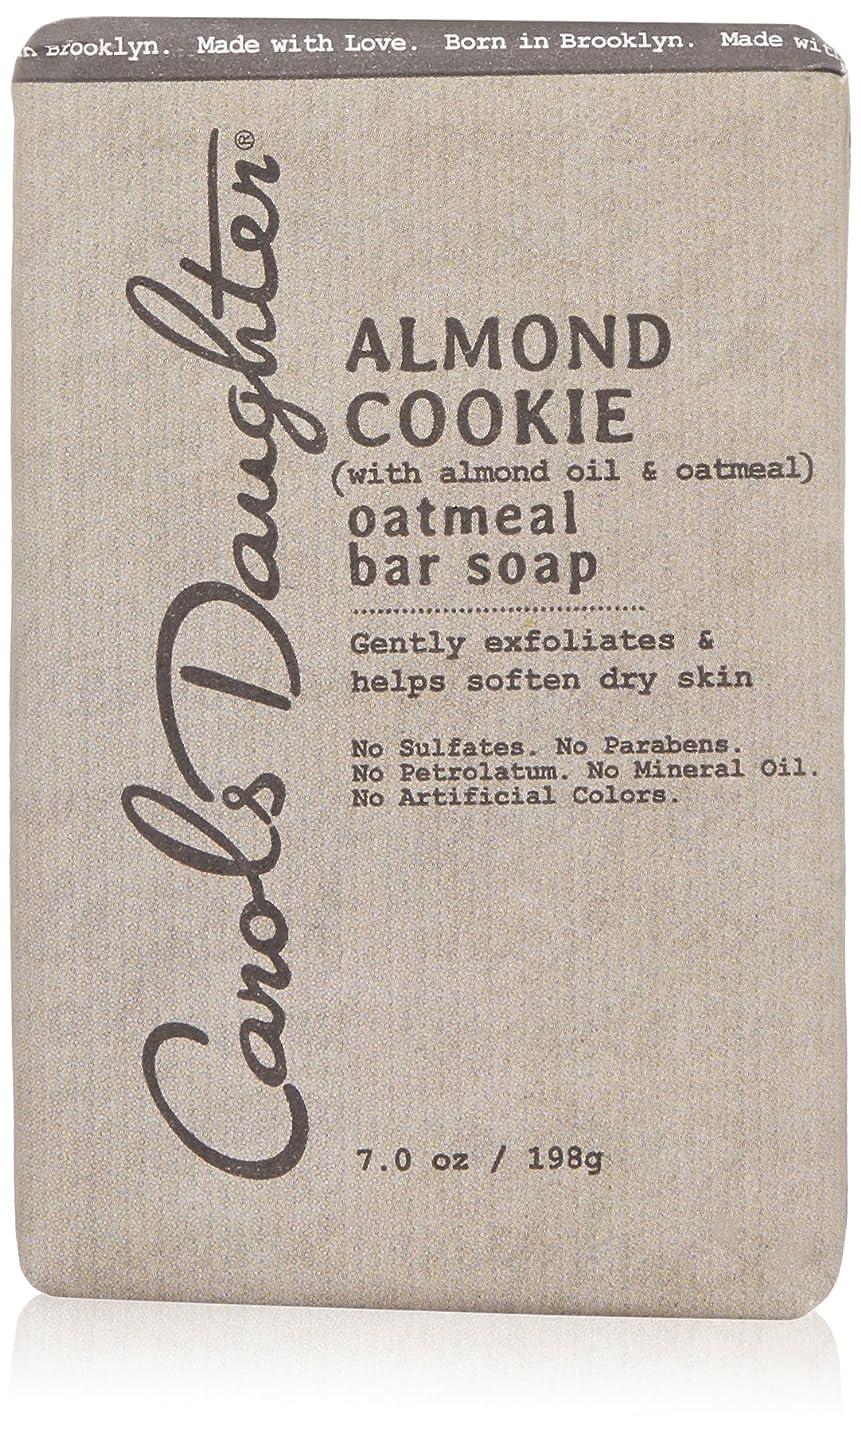 注入する激しい助けになるキャロルズドーター Almond Cookie Oatmeal Bar Soap 198g/7oz並行輸入品